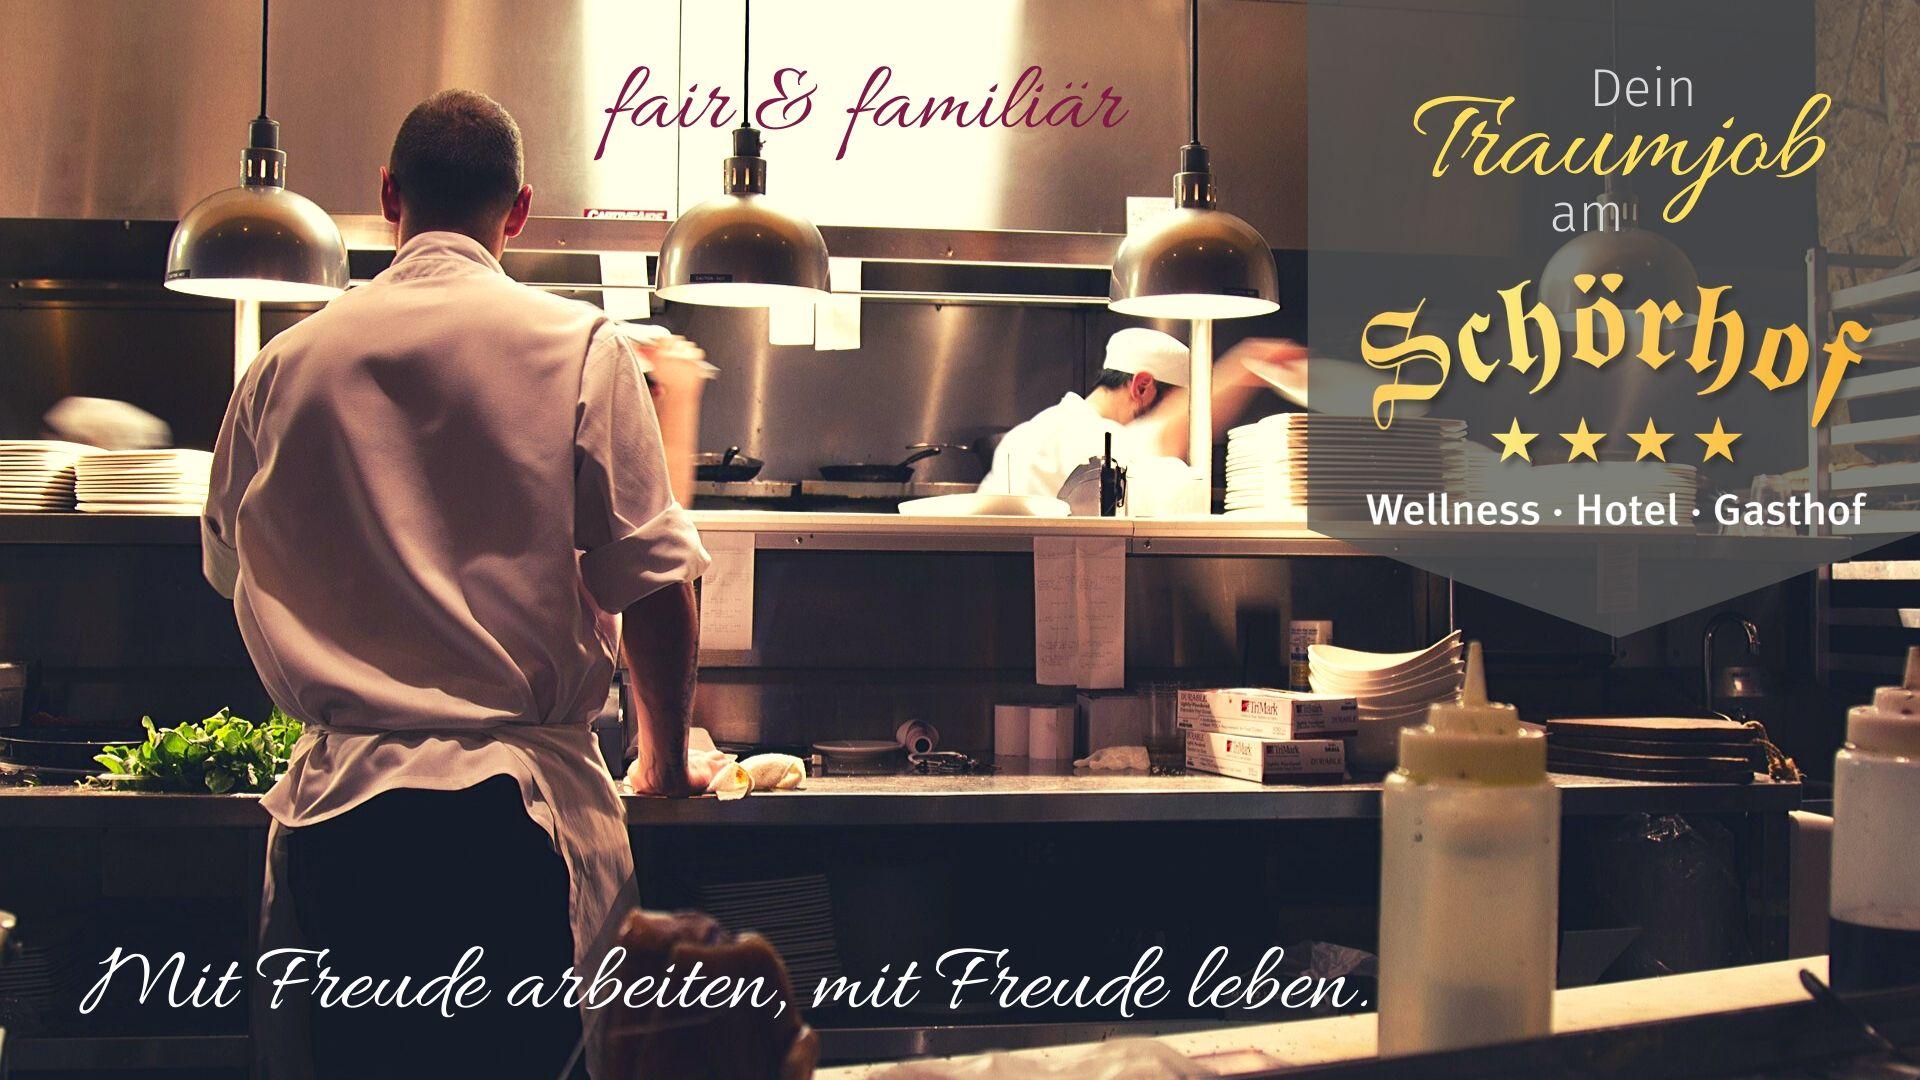 Jobs am Schörhof